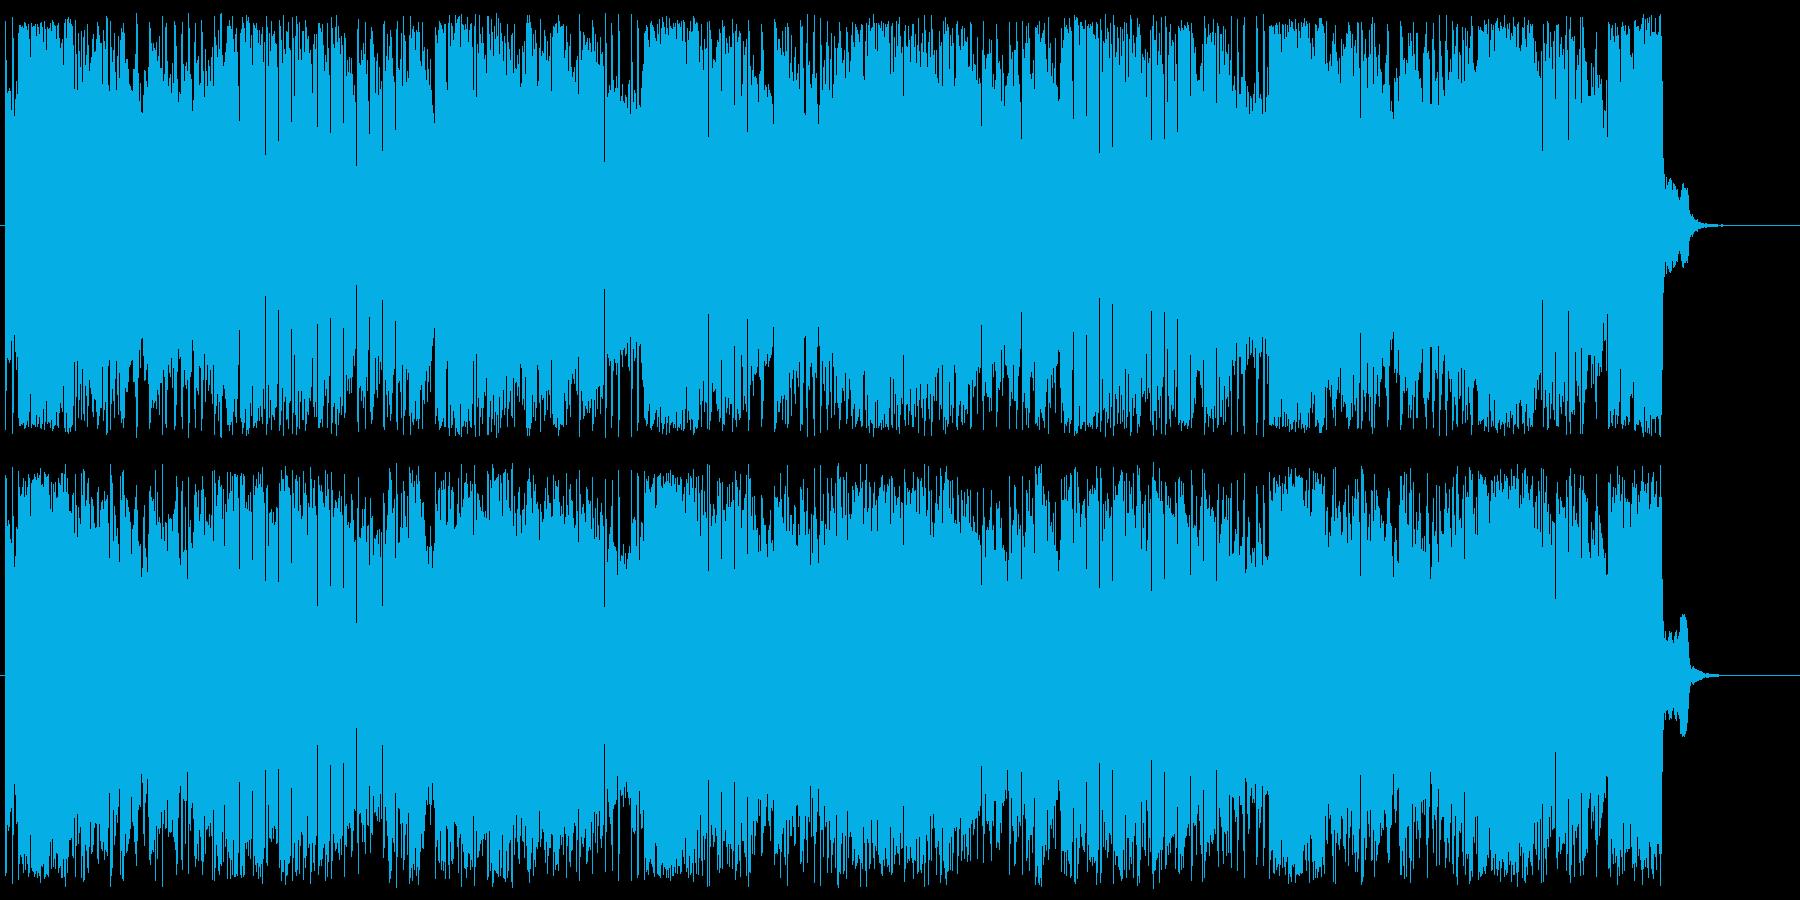 レトロな遊園地のオルガン曲の再生済みの波形